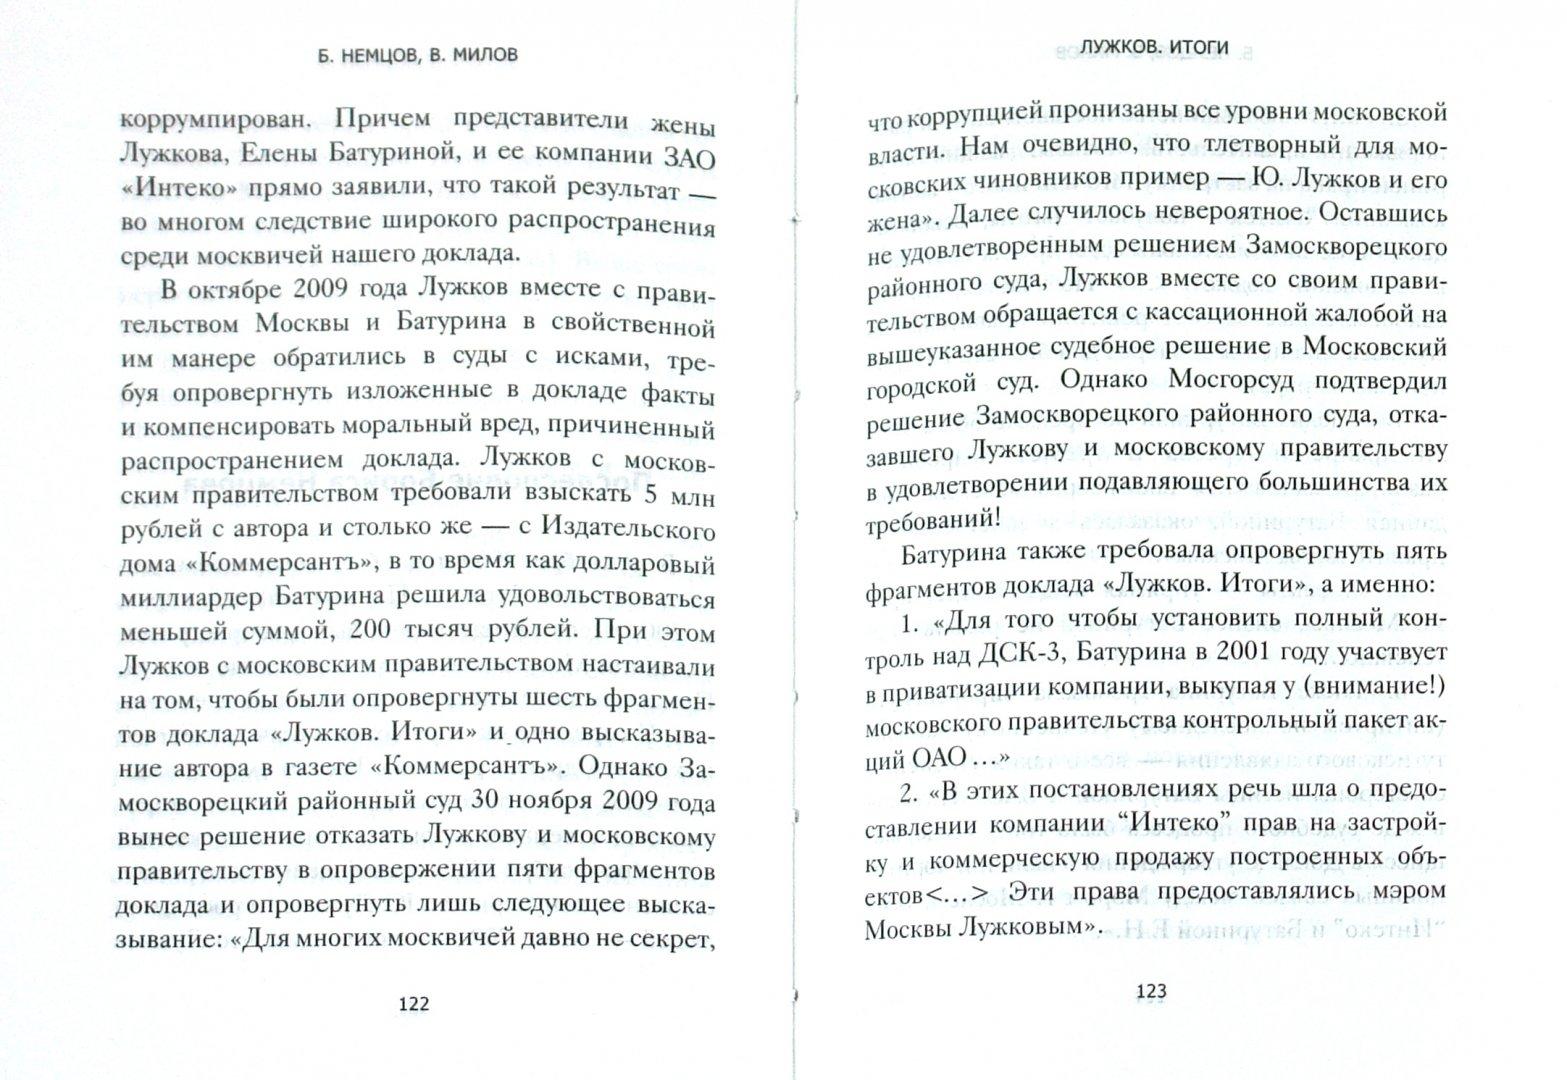 Иллюстрация 1 из 34 для Лужков. Итоги - Немцов, Милов | Лабиринт - книги. Источник: Лабиринт